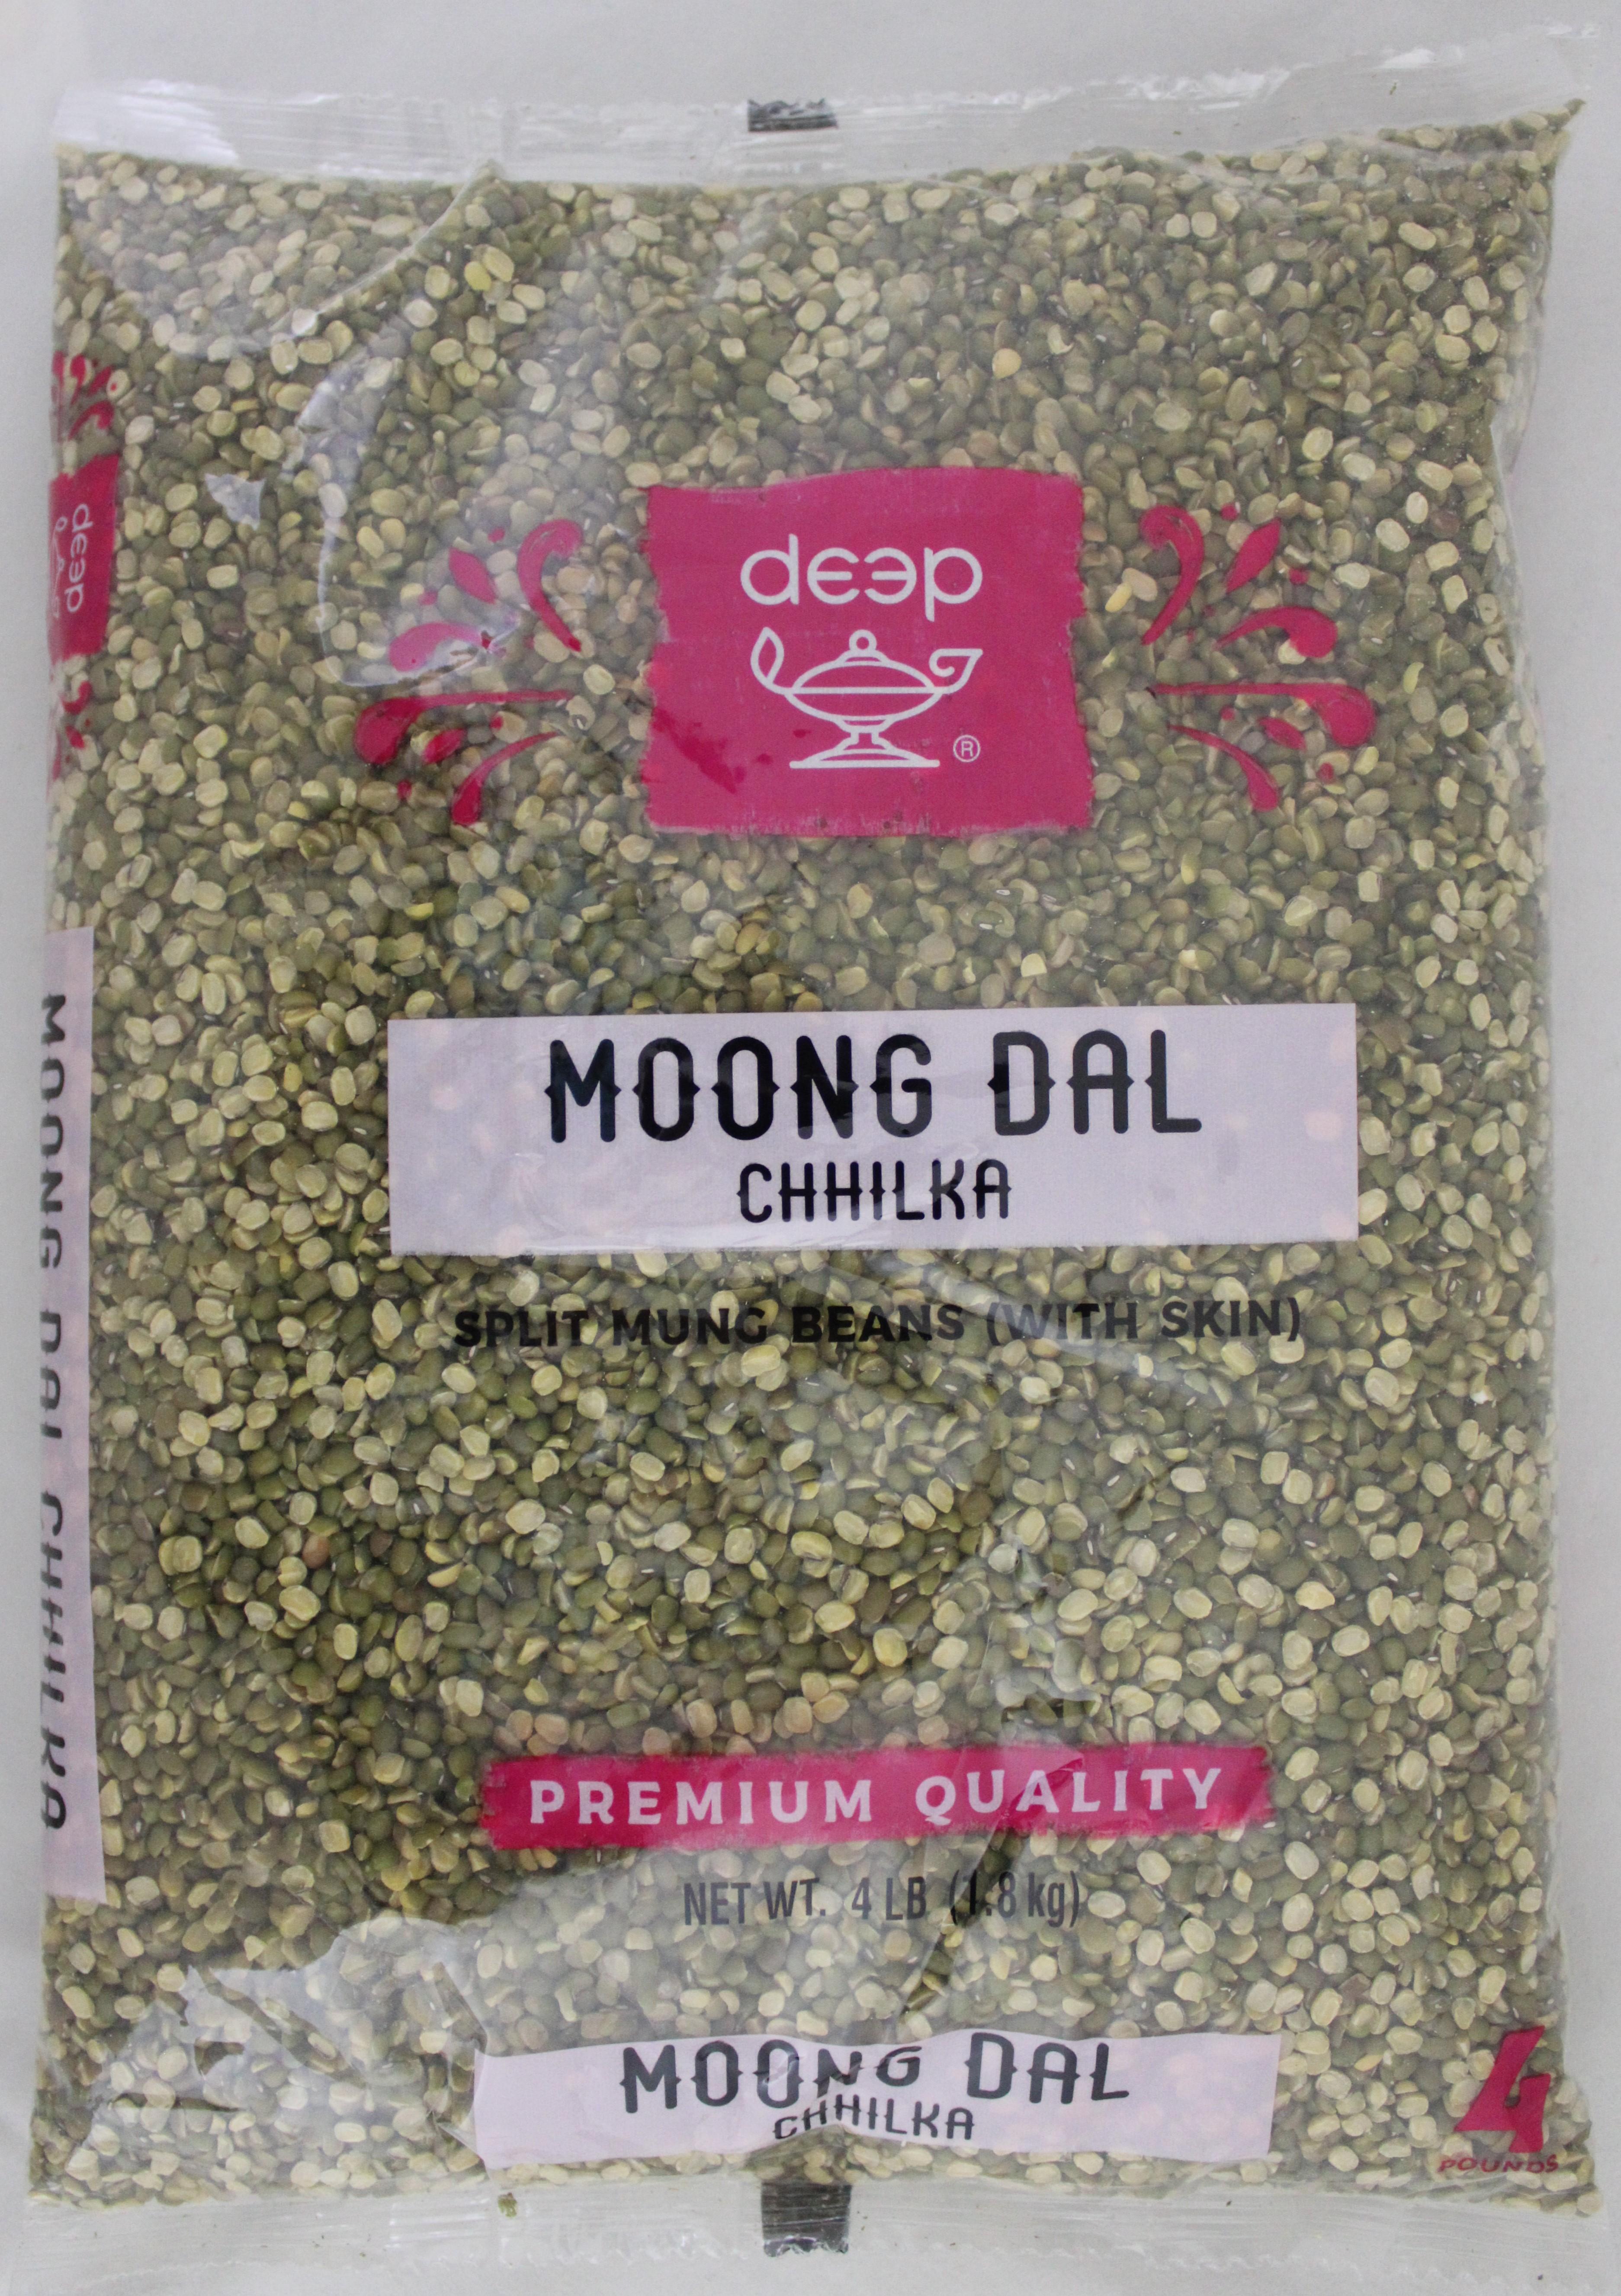 Moong Dal Chilka 4 lb